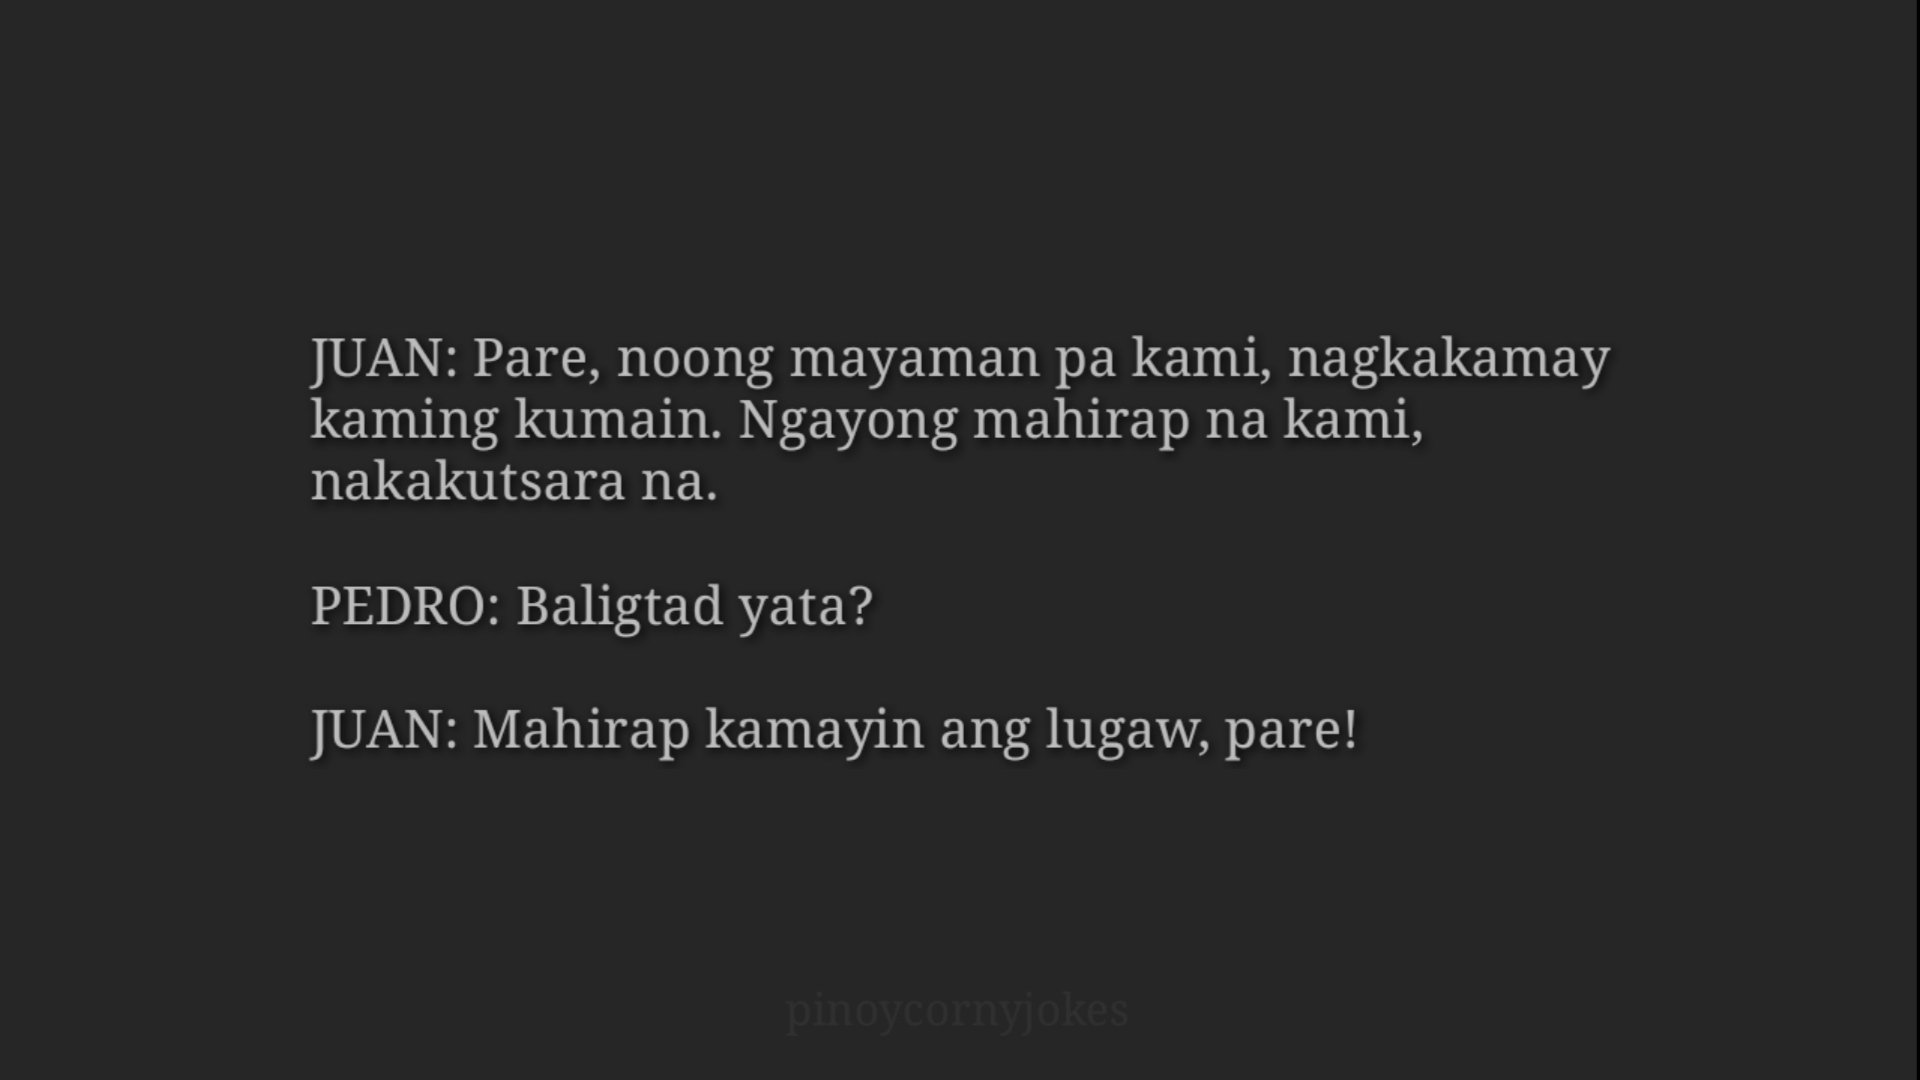 Tagalog Jokes 2021 - Noong Mayaman